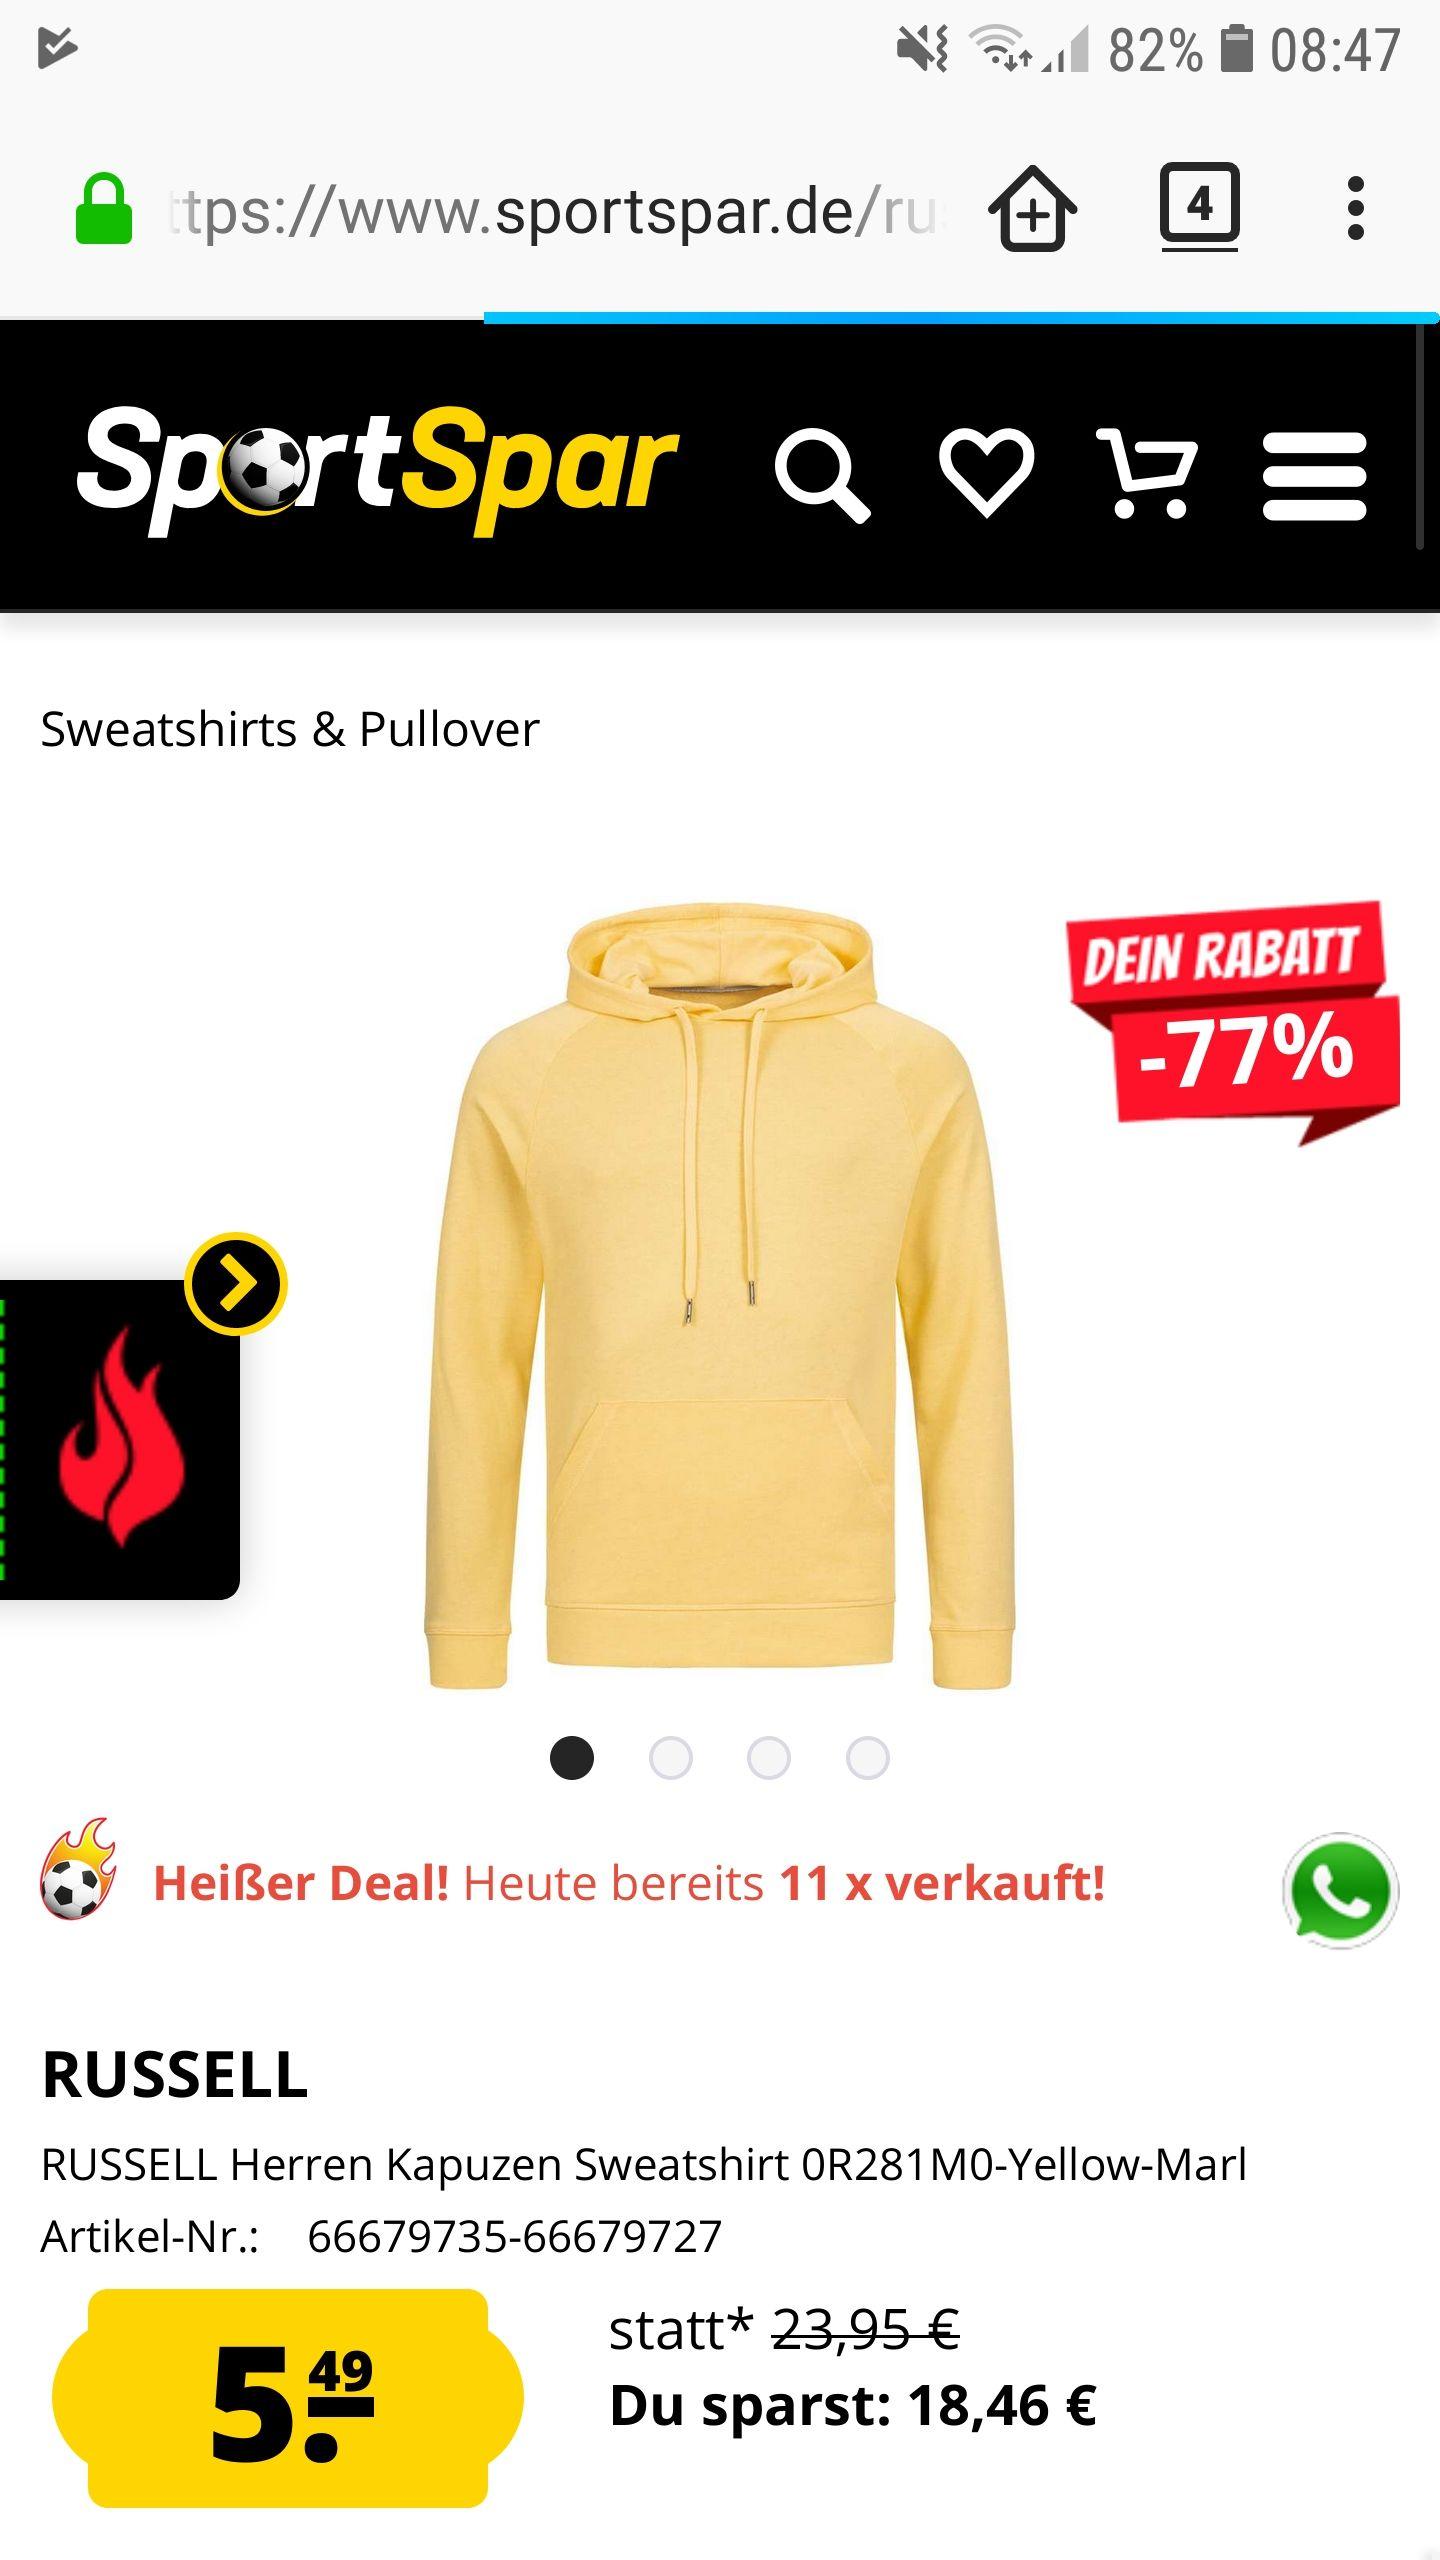 RUSSELL Herren oder Damen Kapuzen Sweatshirt